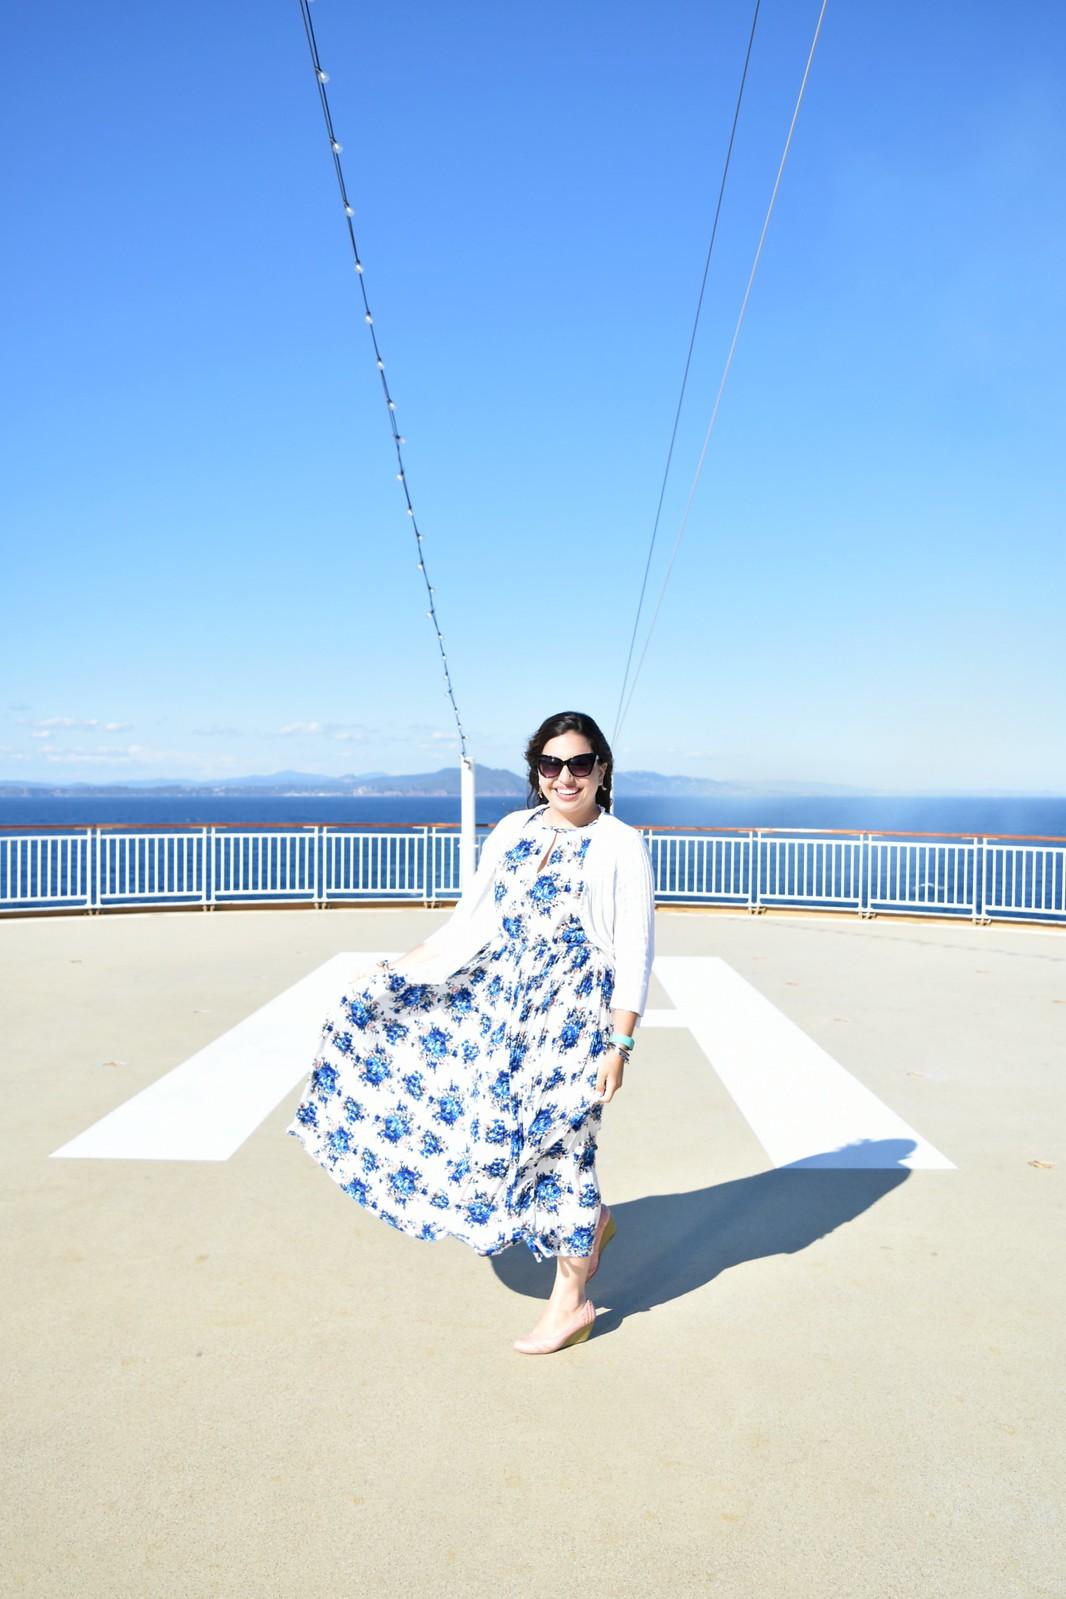 Mediterranean cruise what to wear